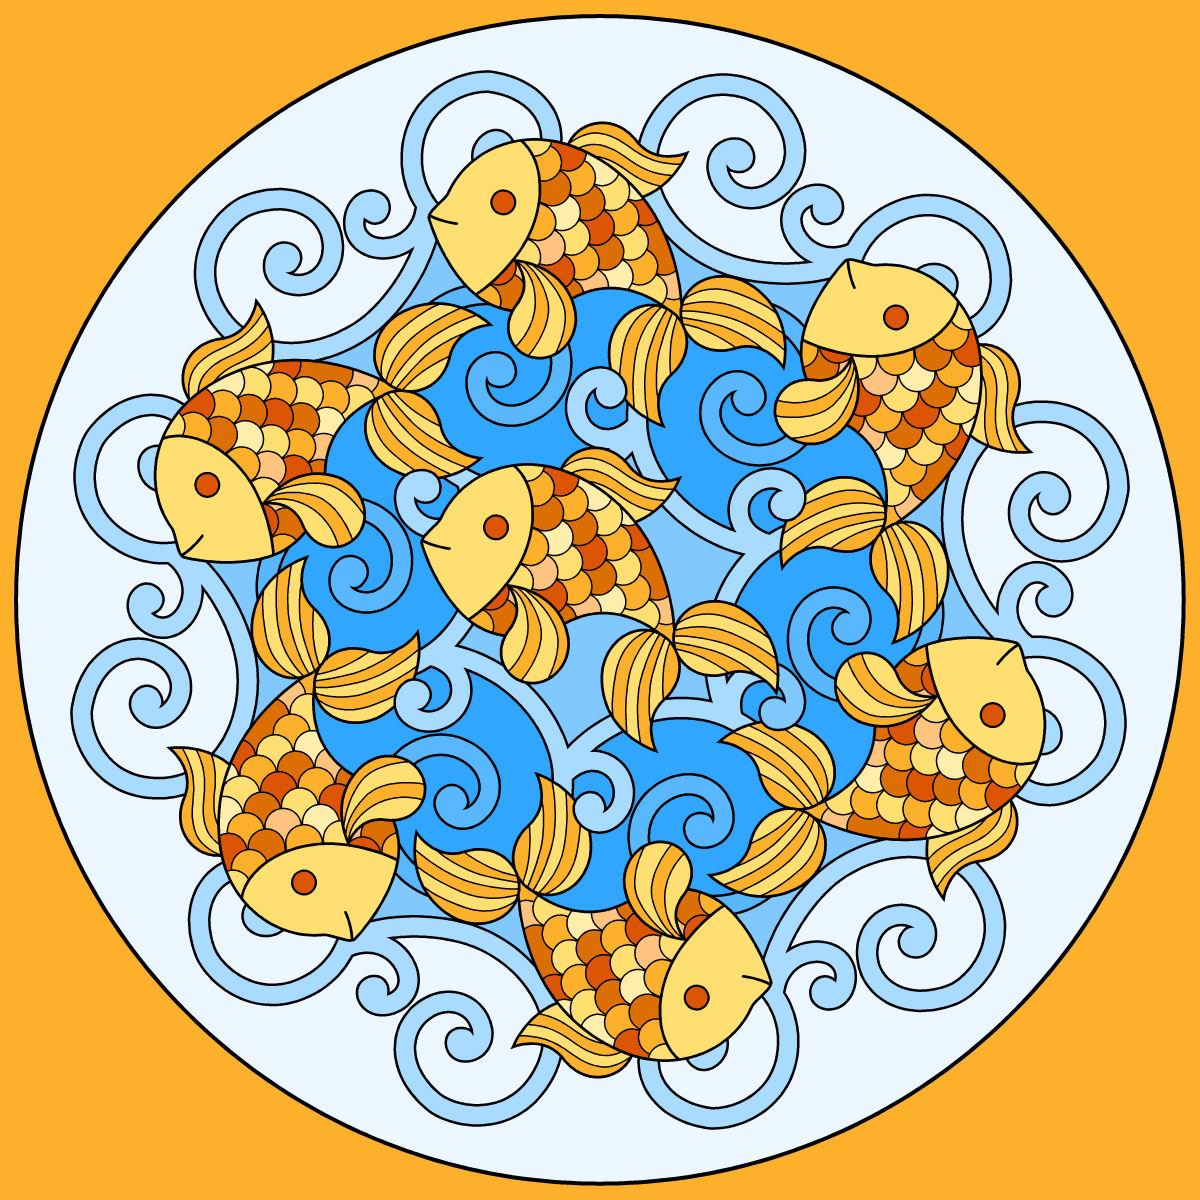 Mandalas - Kinder-Malvorlagen com - Kostenlose Malvorlagen Mandalas